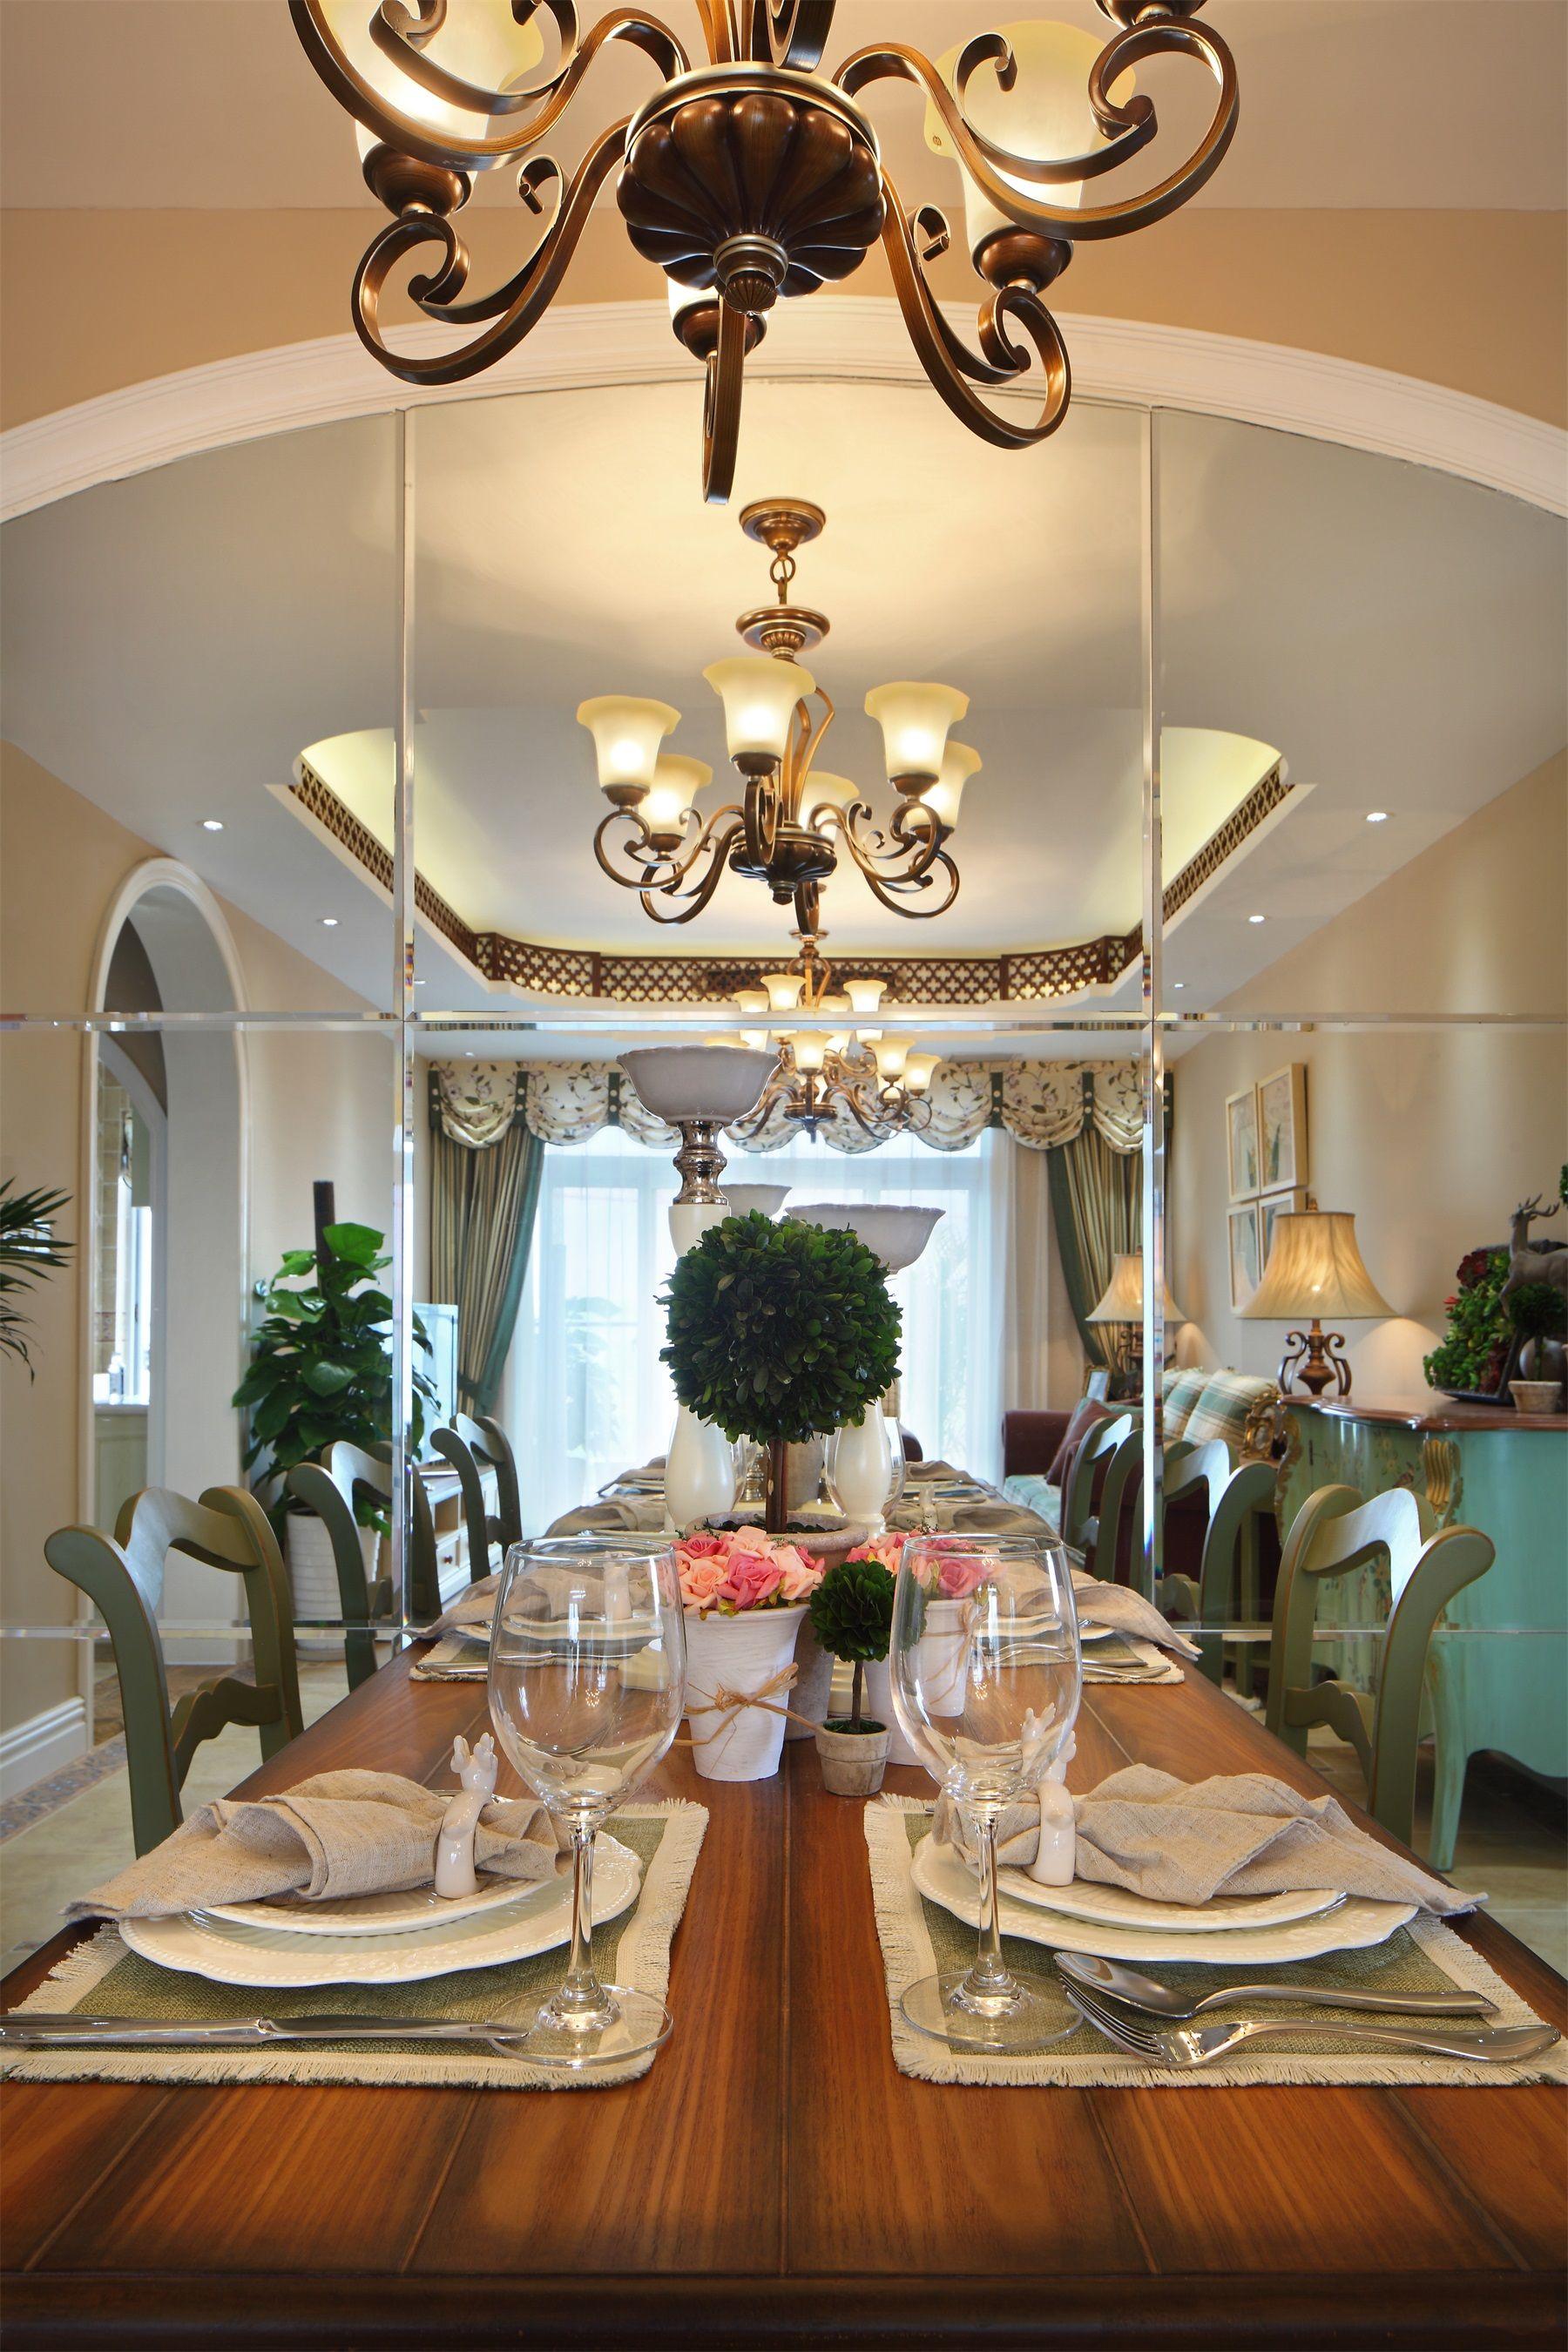 美式田园风格三居餐厅镜面墙装修效果图